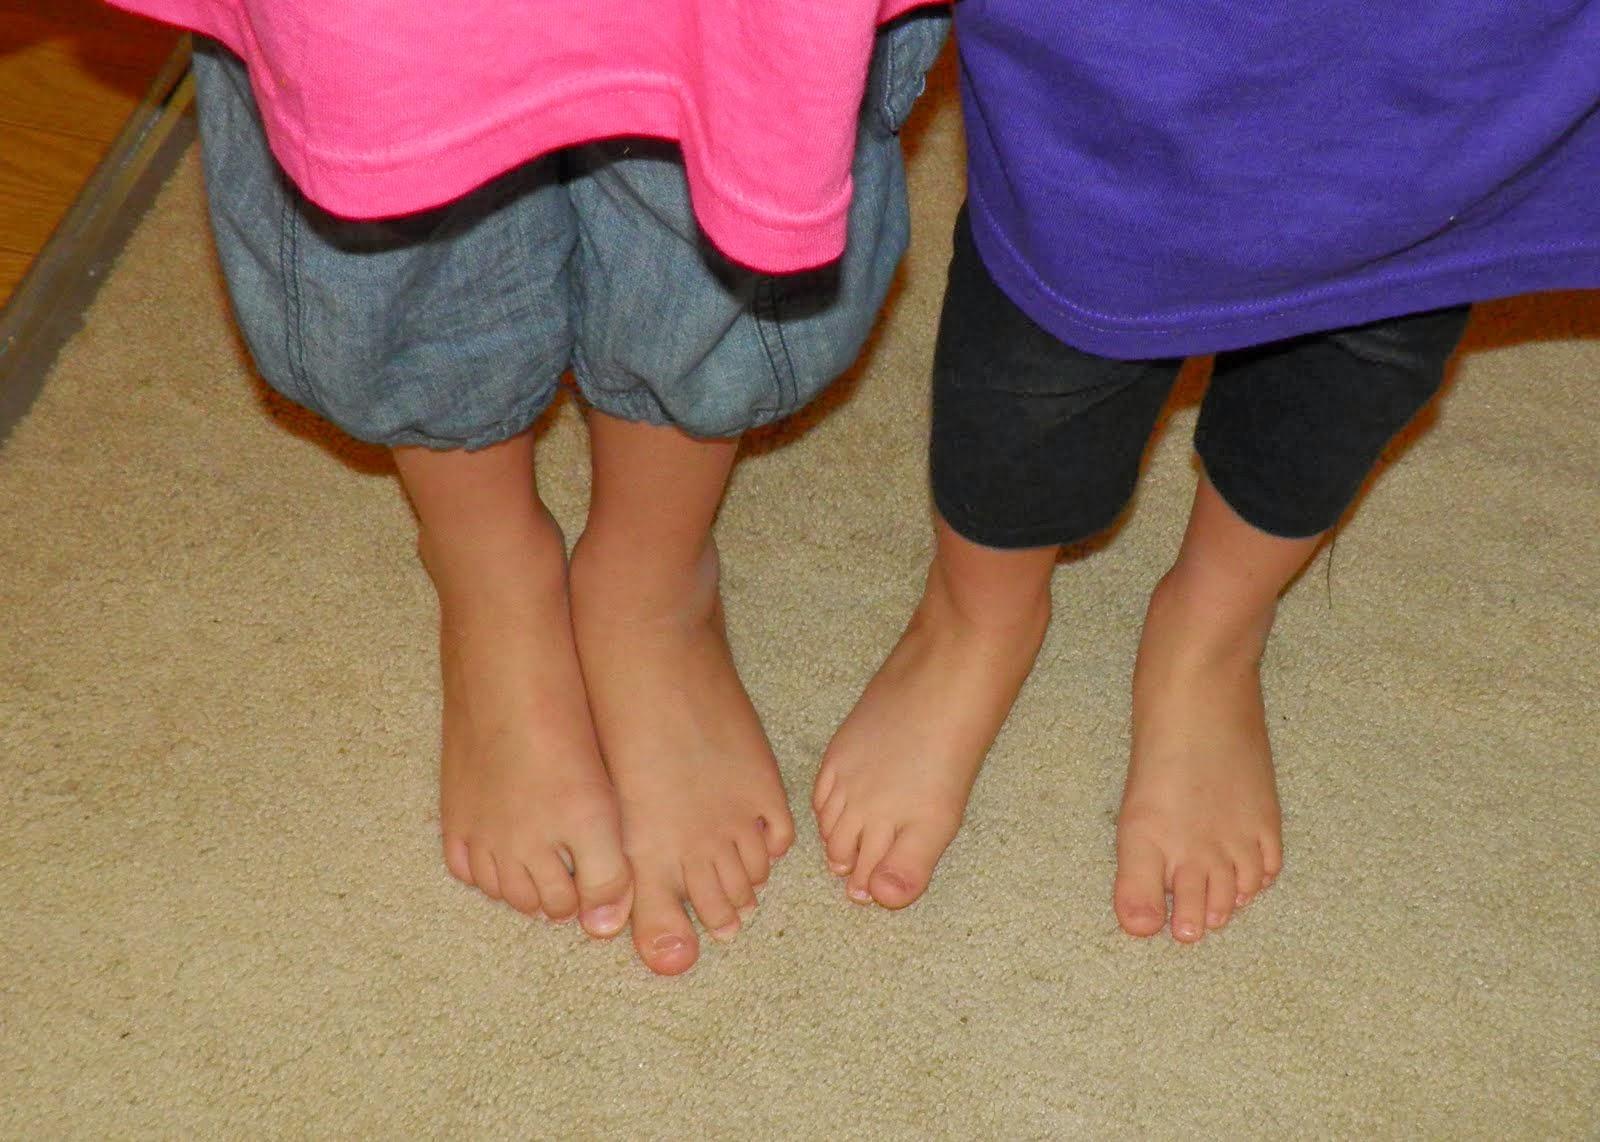 Her Stockings - Women tease by legs, heels]